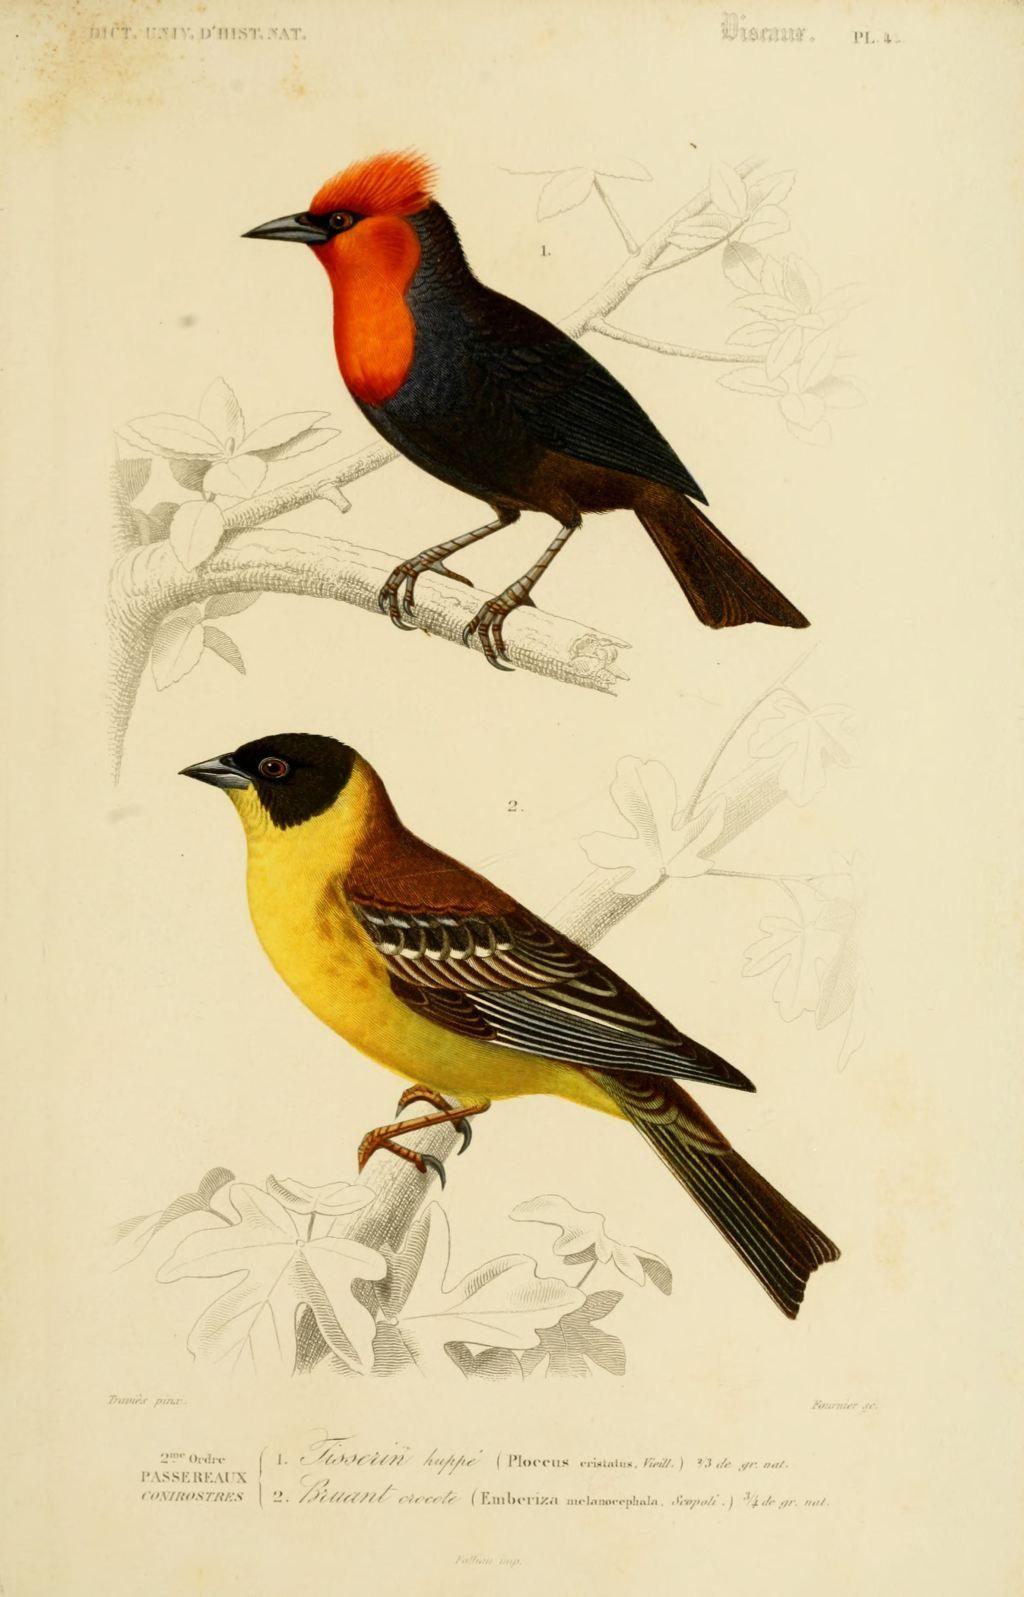 Gravures Couleur D'Oiseaux - Gravure Oiseau 0211 Brunant avec Coloriage Oiseaux Tropicaux